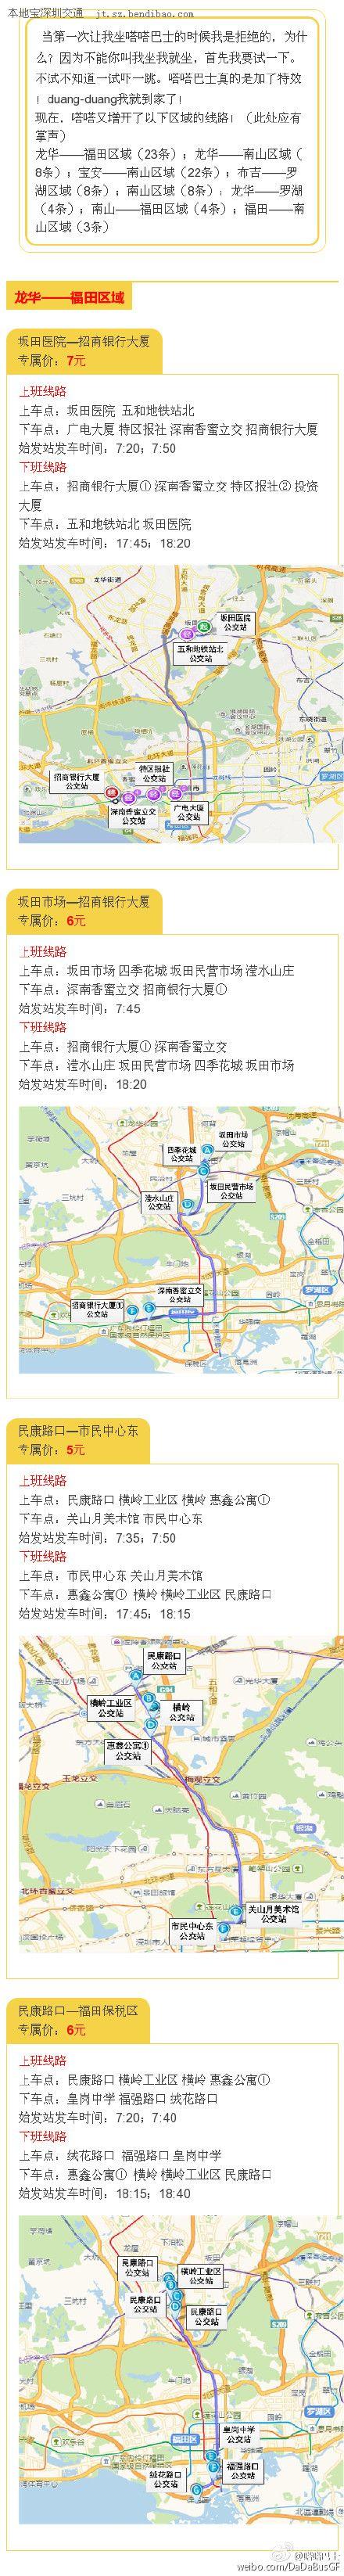 深圳嗒嗒巴士路线查询 嗒嗒巴士深圳已开通线路一览